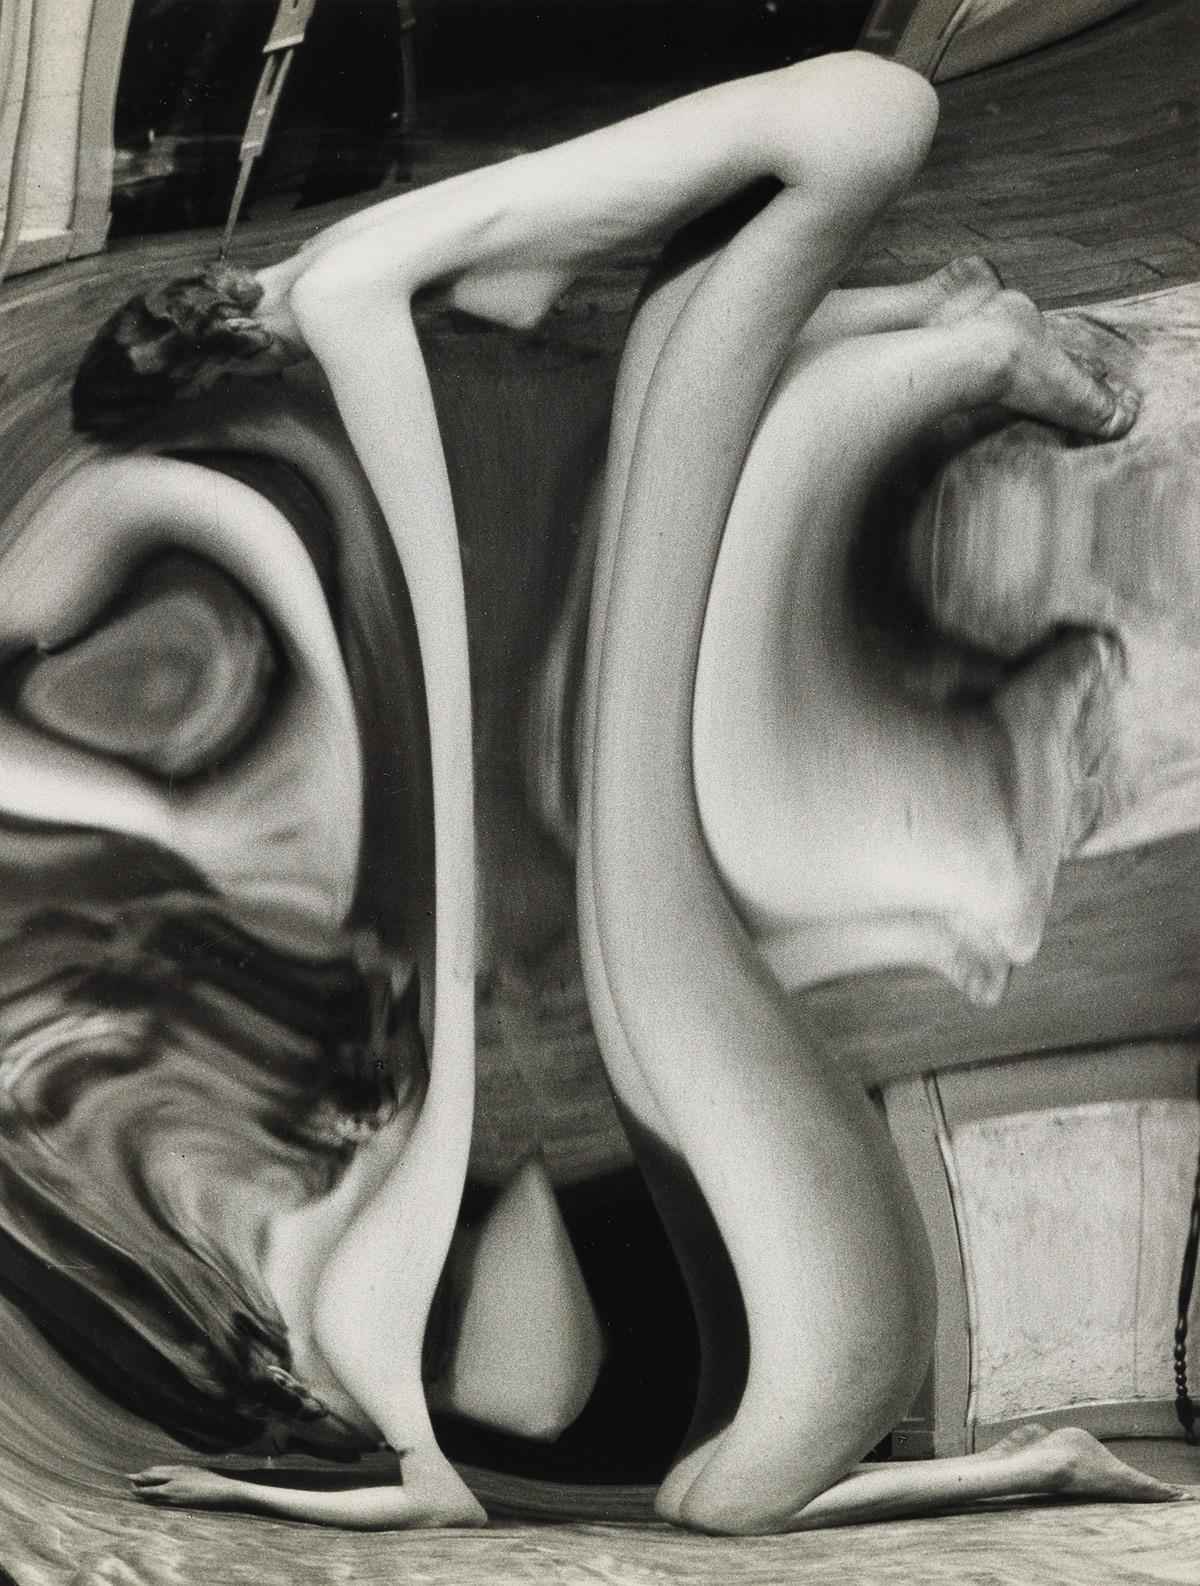 ANDRÉ KERTÉSZ (1894-1985) Distortion #128.